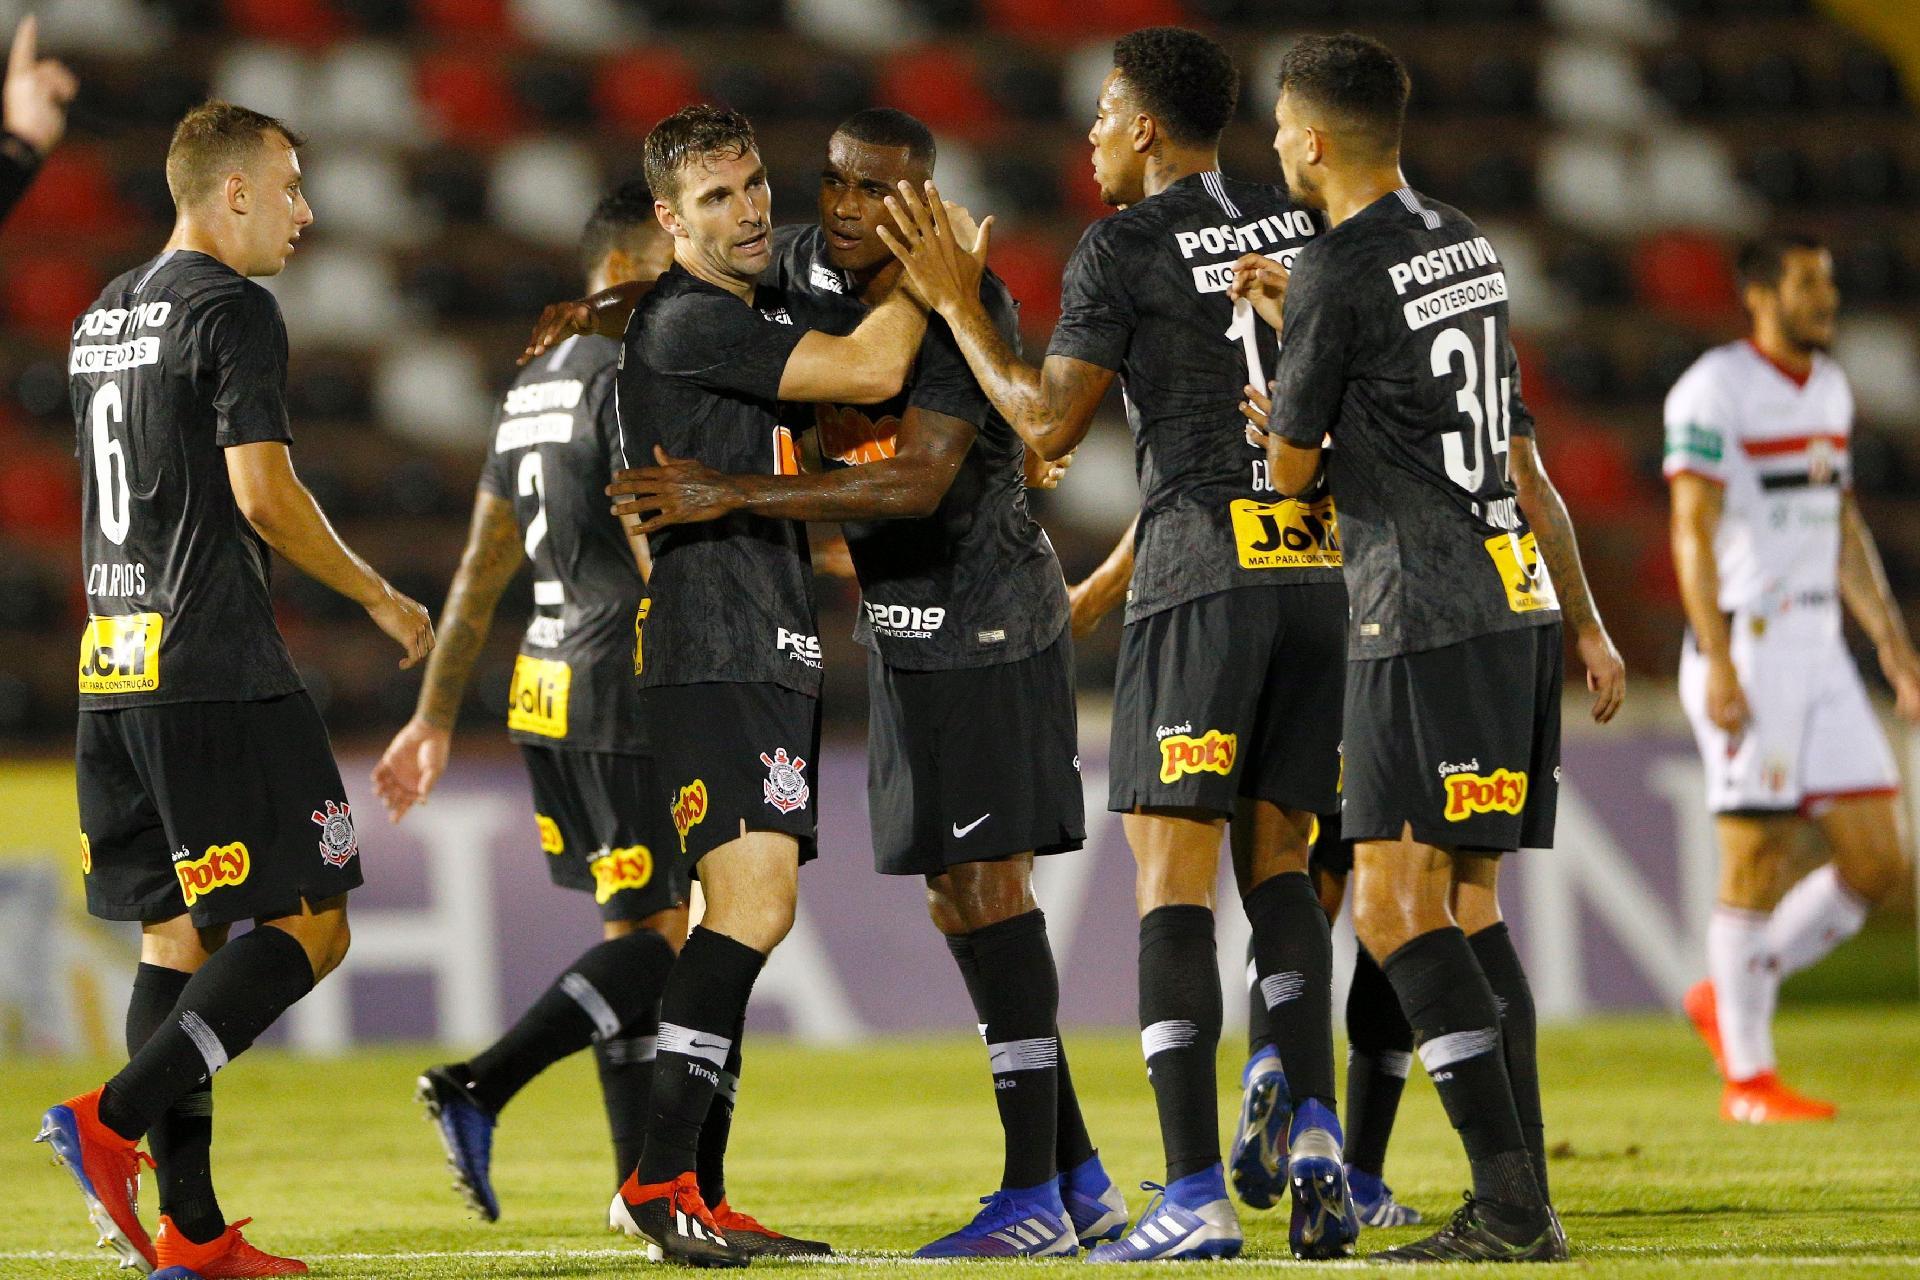 Deu match! Dupla Gustagol e Boselli agrada em Corinthians sem inspiração -  Esporte - BOL e0e6e758ea228